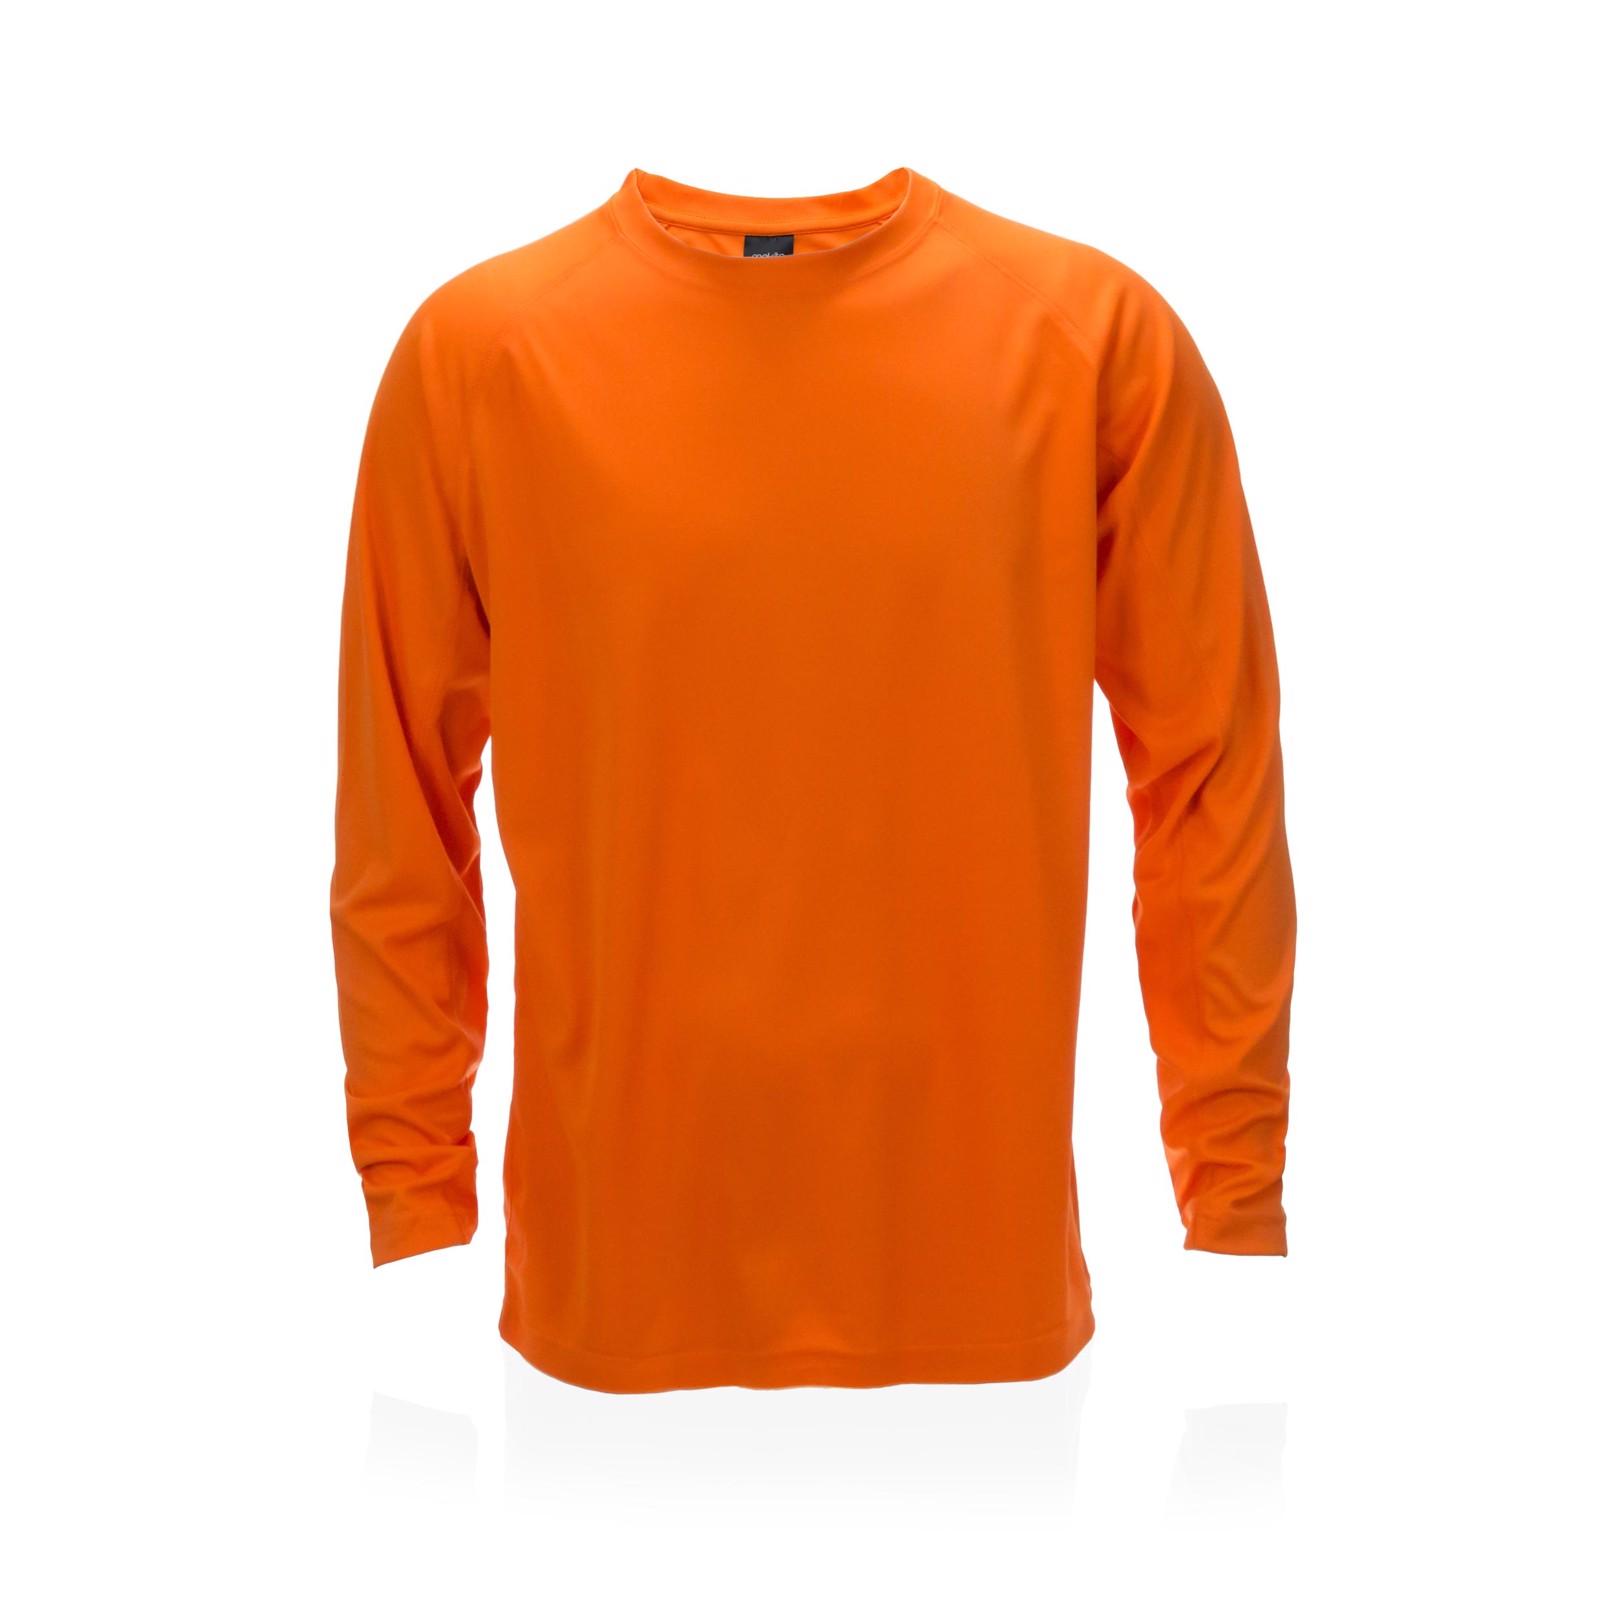 Camiseta Adulto Tecnik Maik - Naranja / L